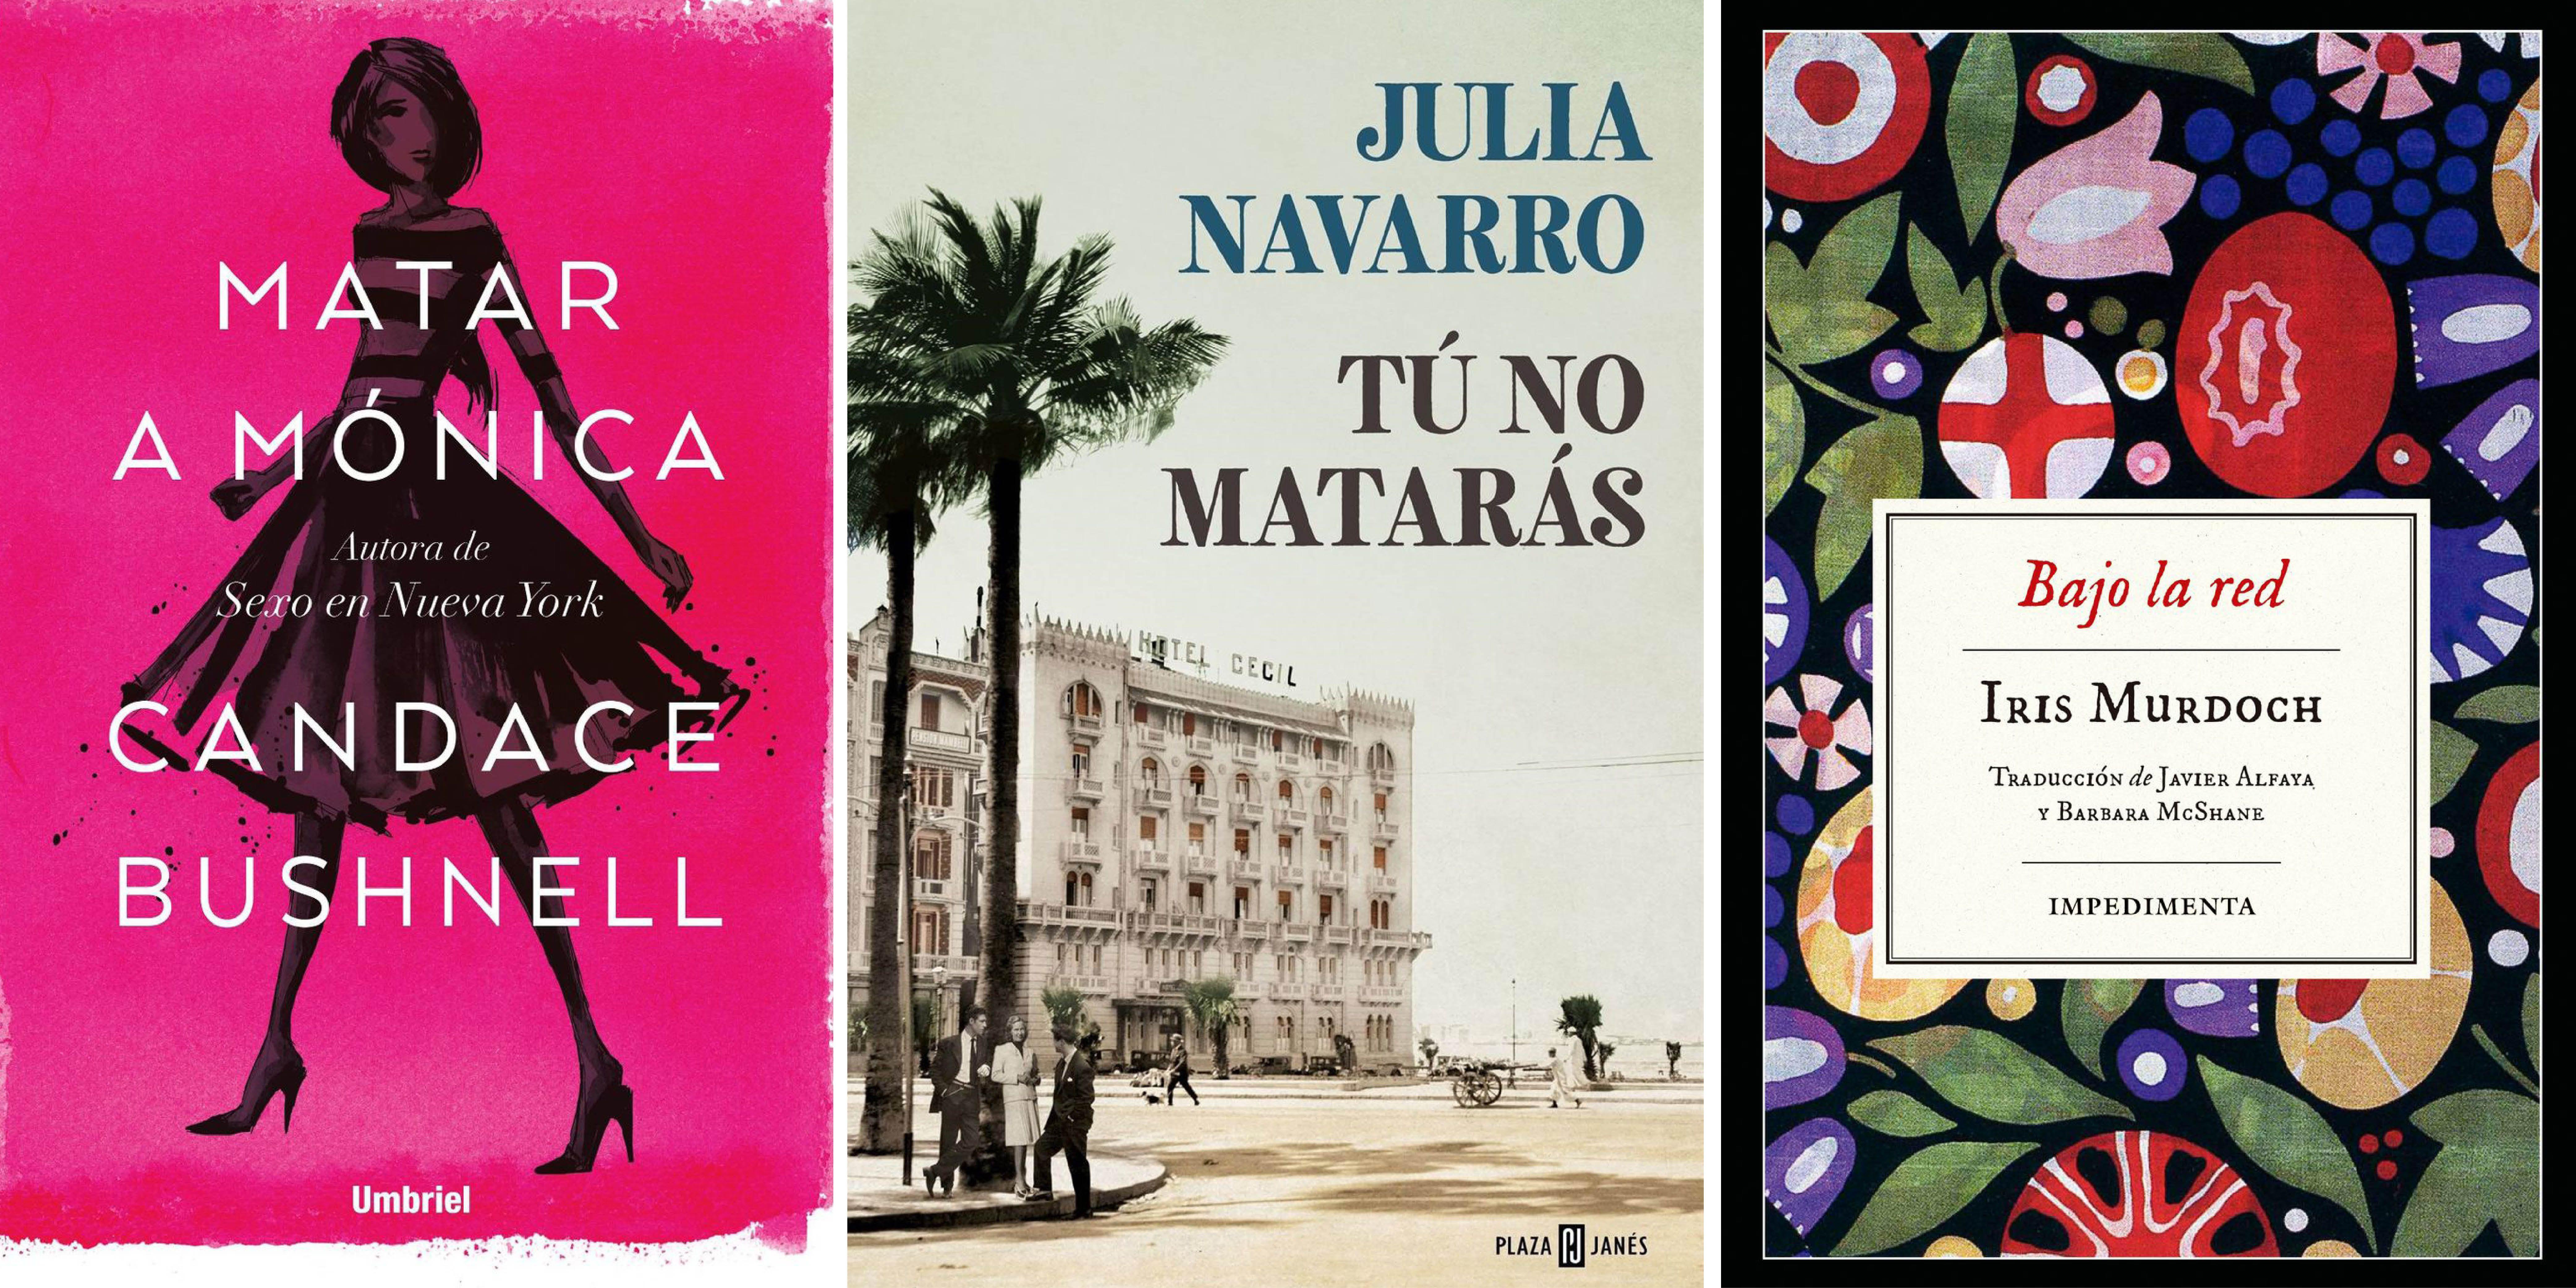 Las mejores novedades literarias escritas por mujeres que devorarás este otoño